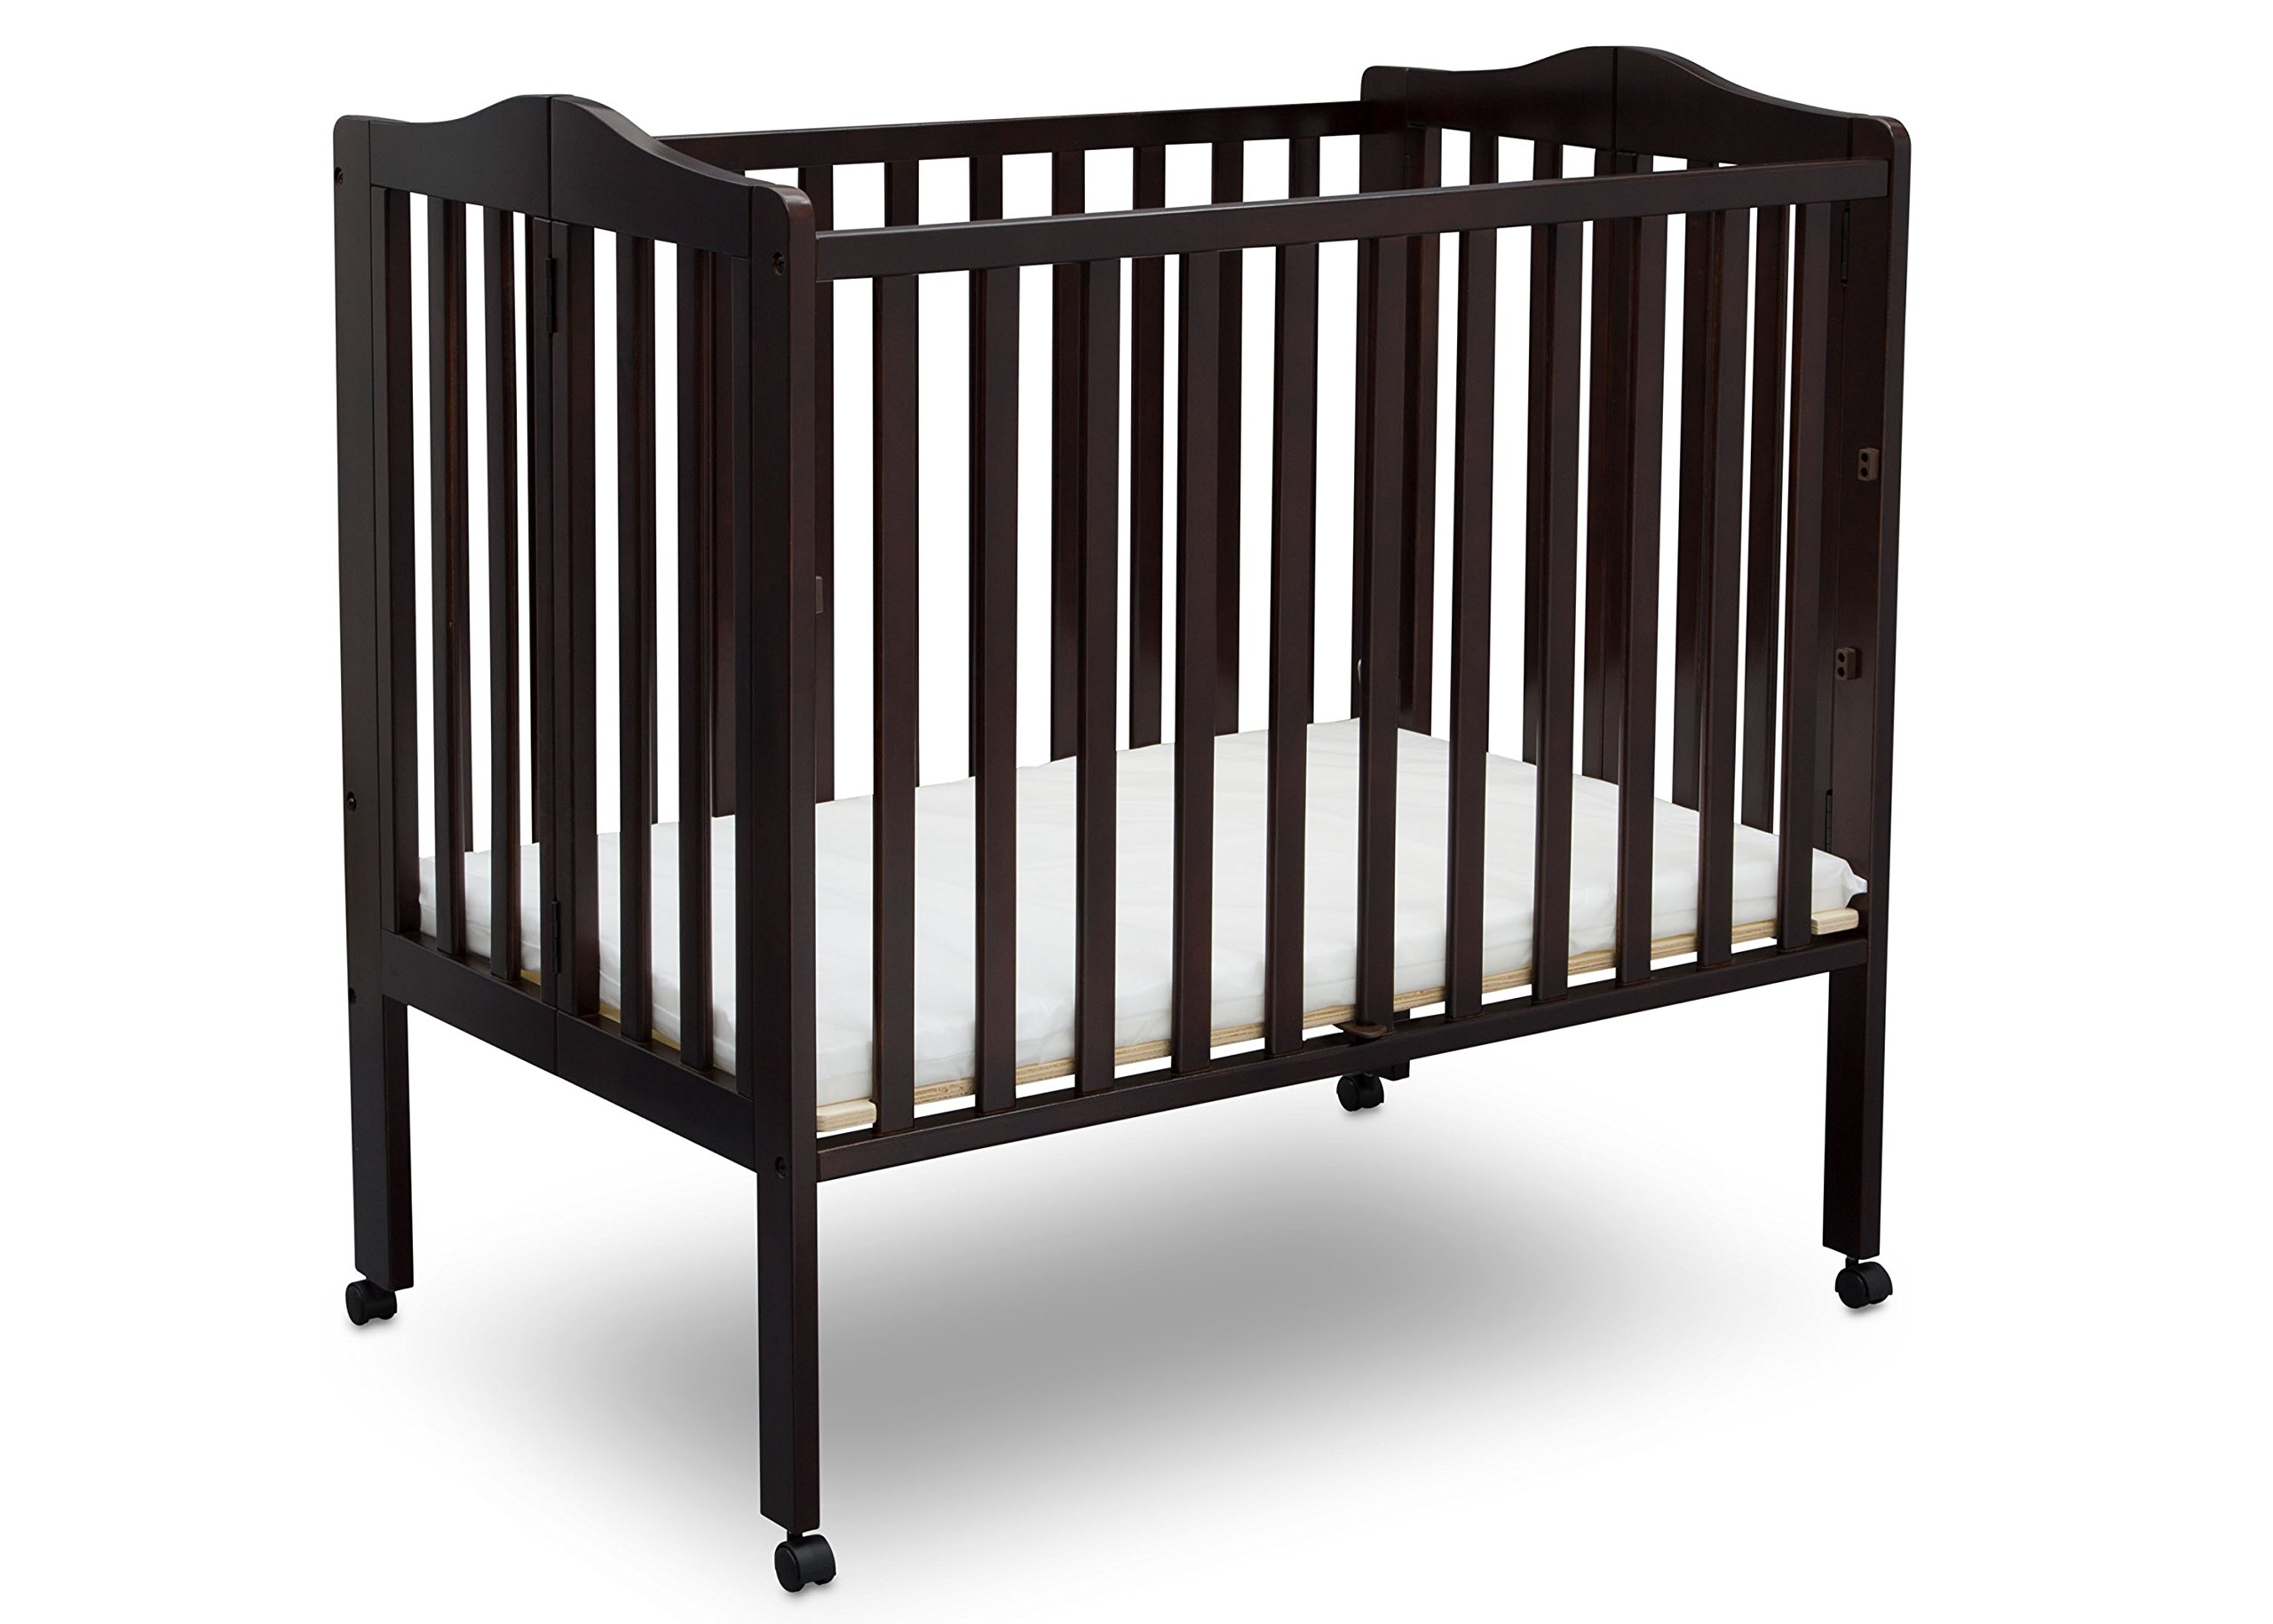 Delta Children Folding Portable Crib with Mattress, Dark Chocolate